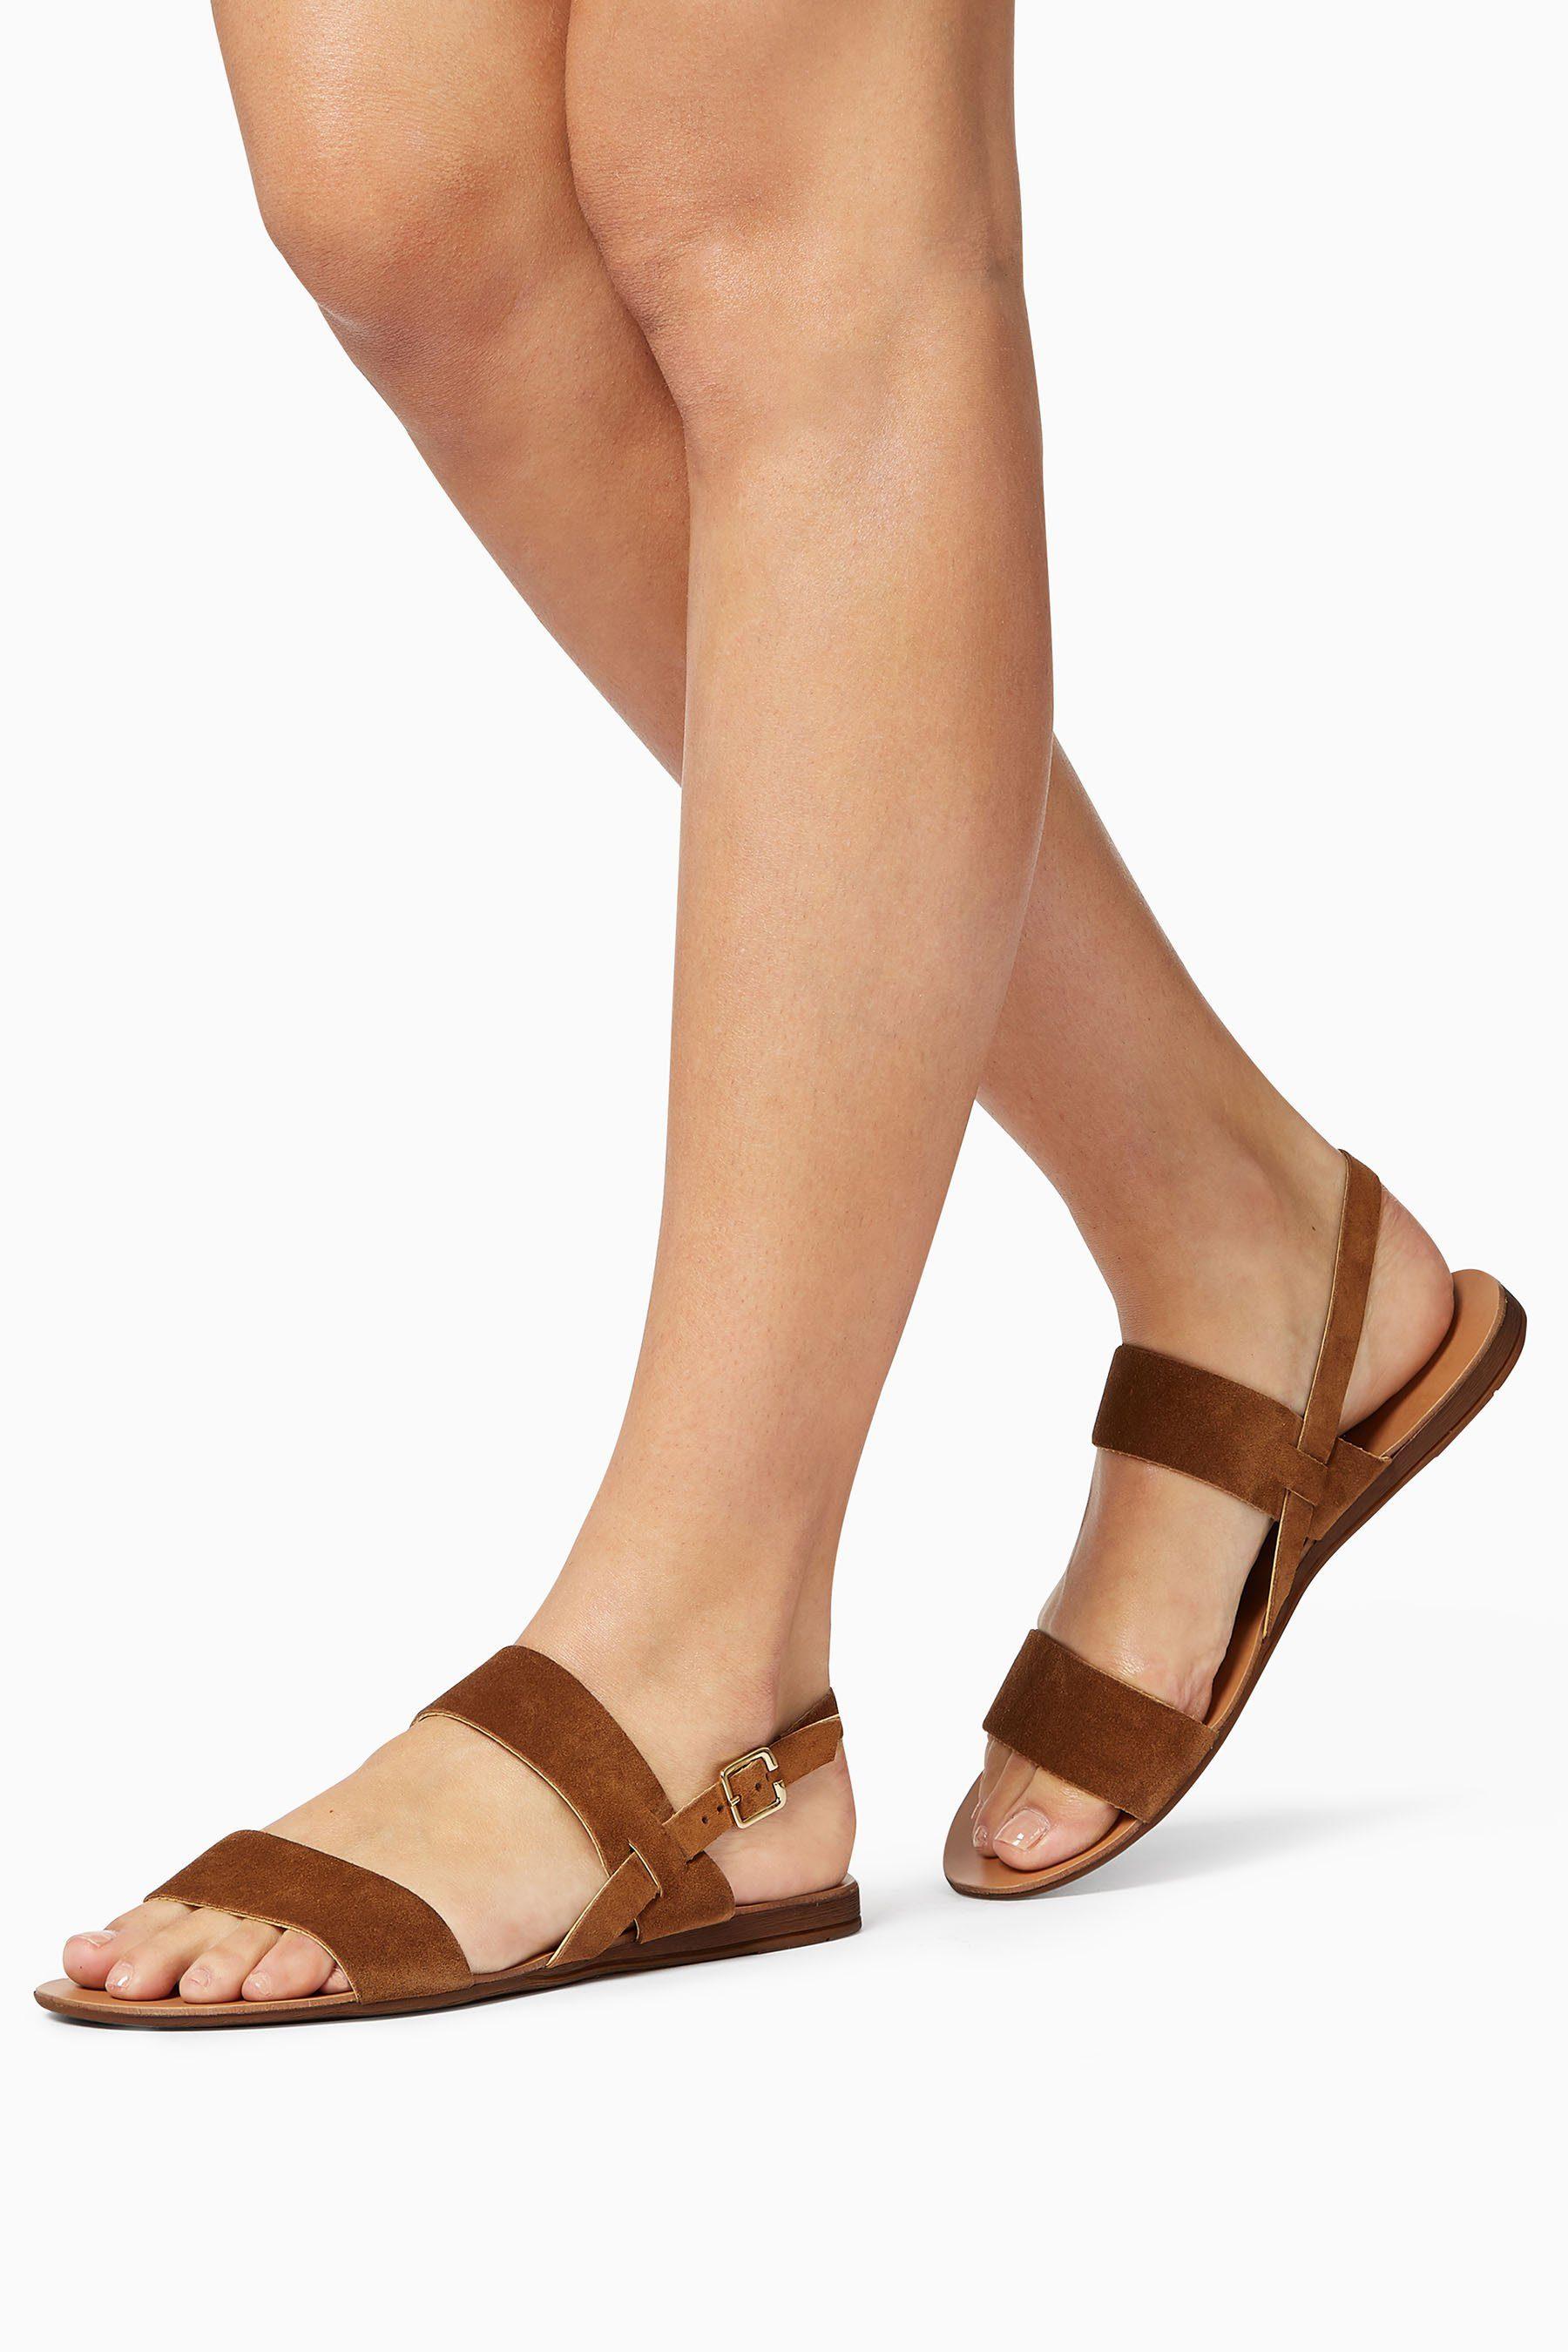 Next Sandalette mit doppeltem Knöchelriemen kaufen  Tan